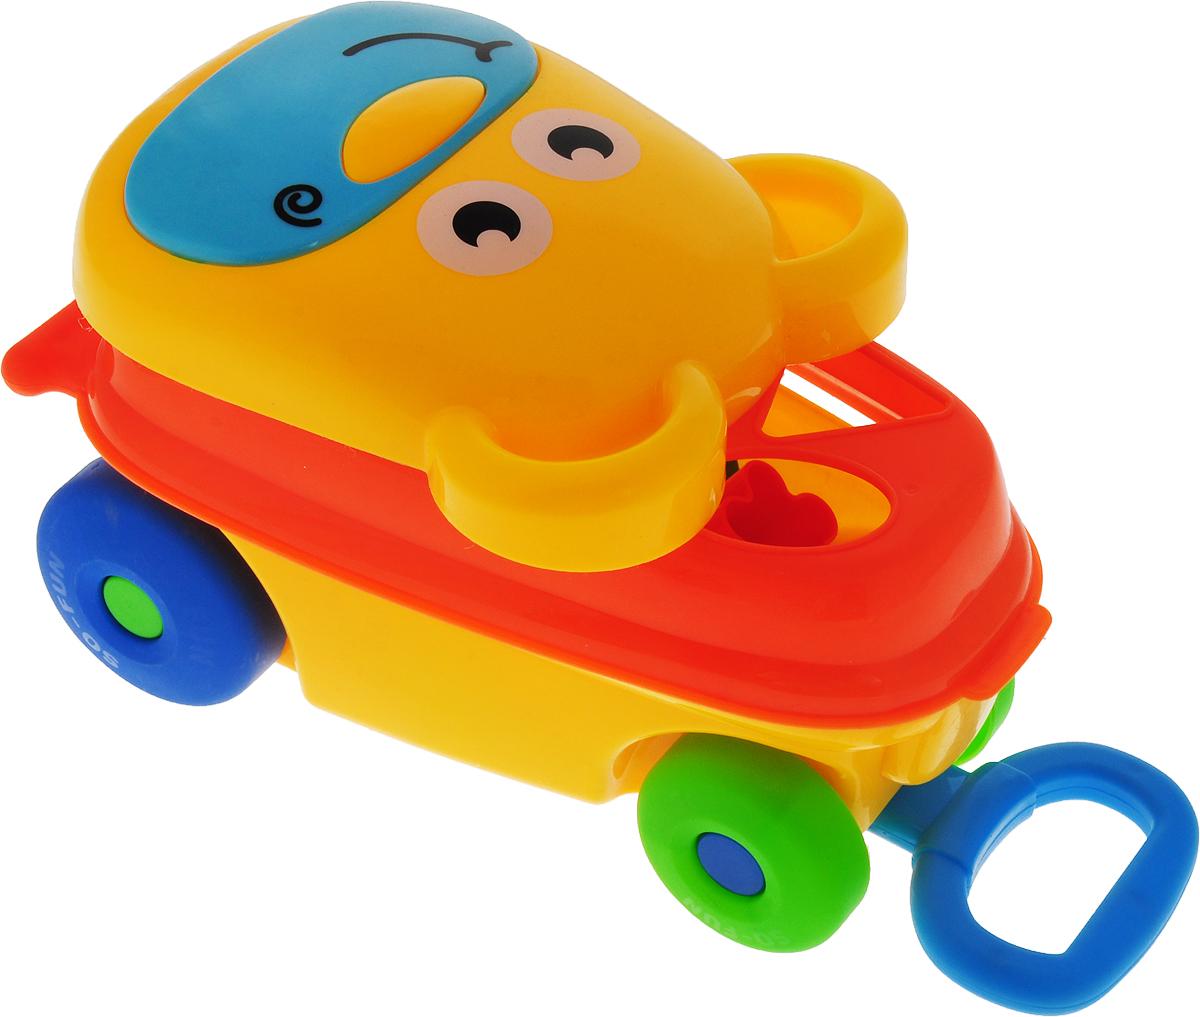 Каталка-сортер Умные игрушки Мишка цвет желтый оранжевый радиоуправляемые игрушки